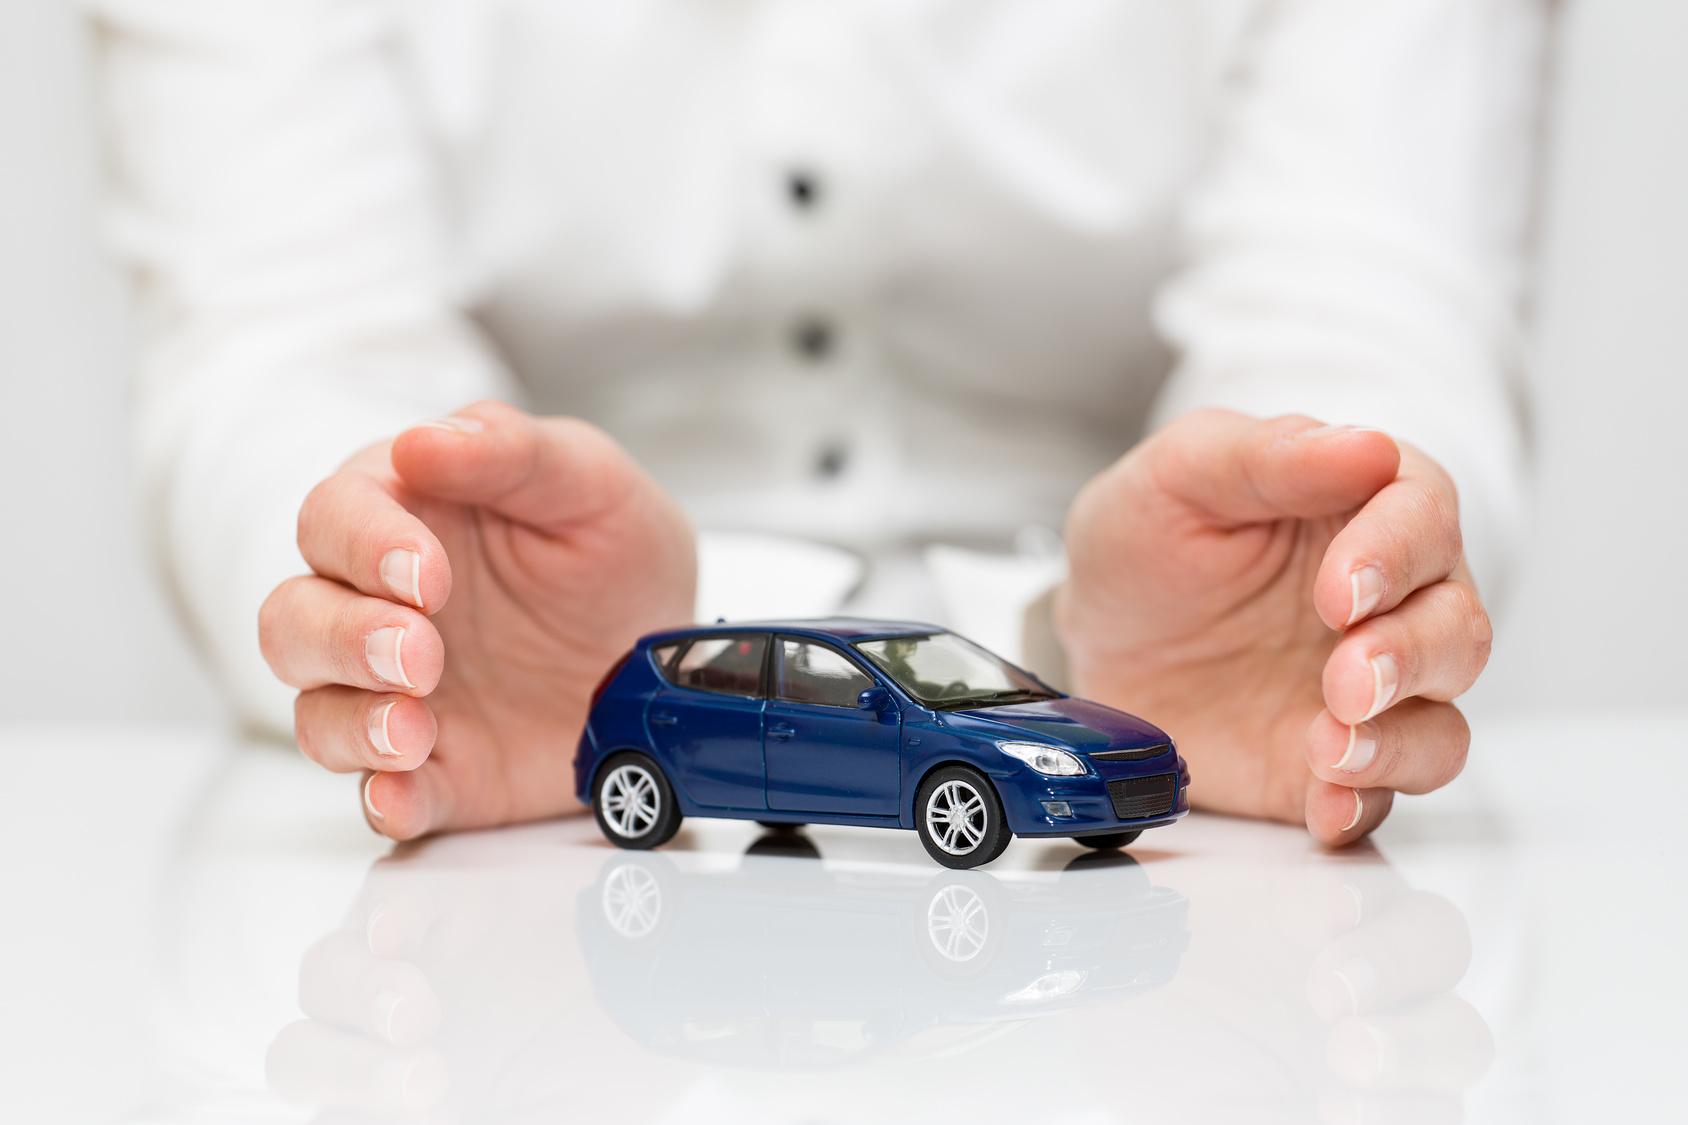 Multa e sequestro per l'auto senza assicurazione, anche se non circola